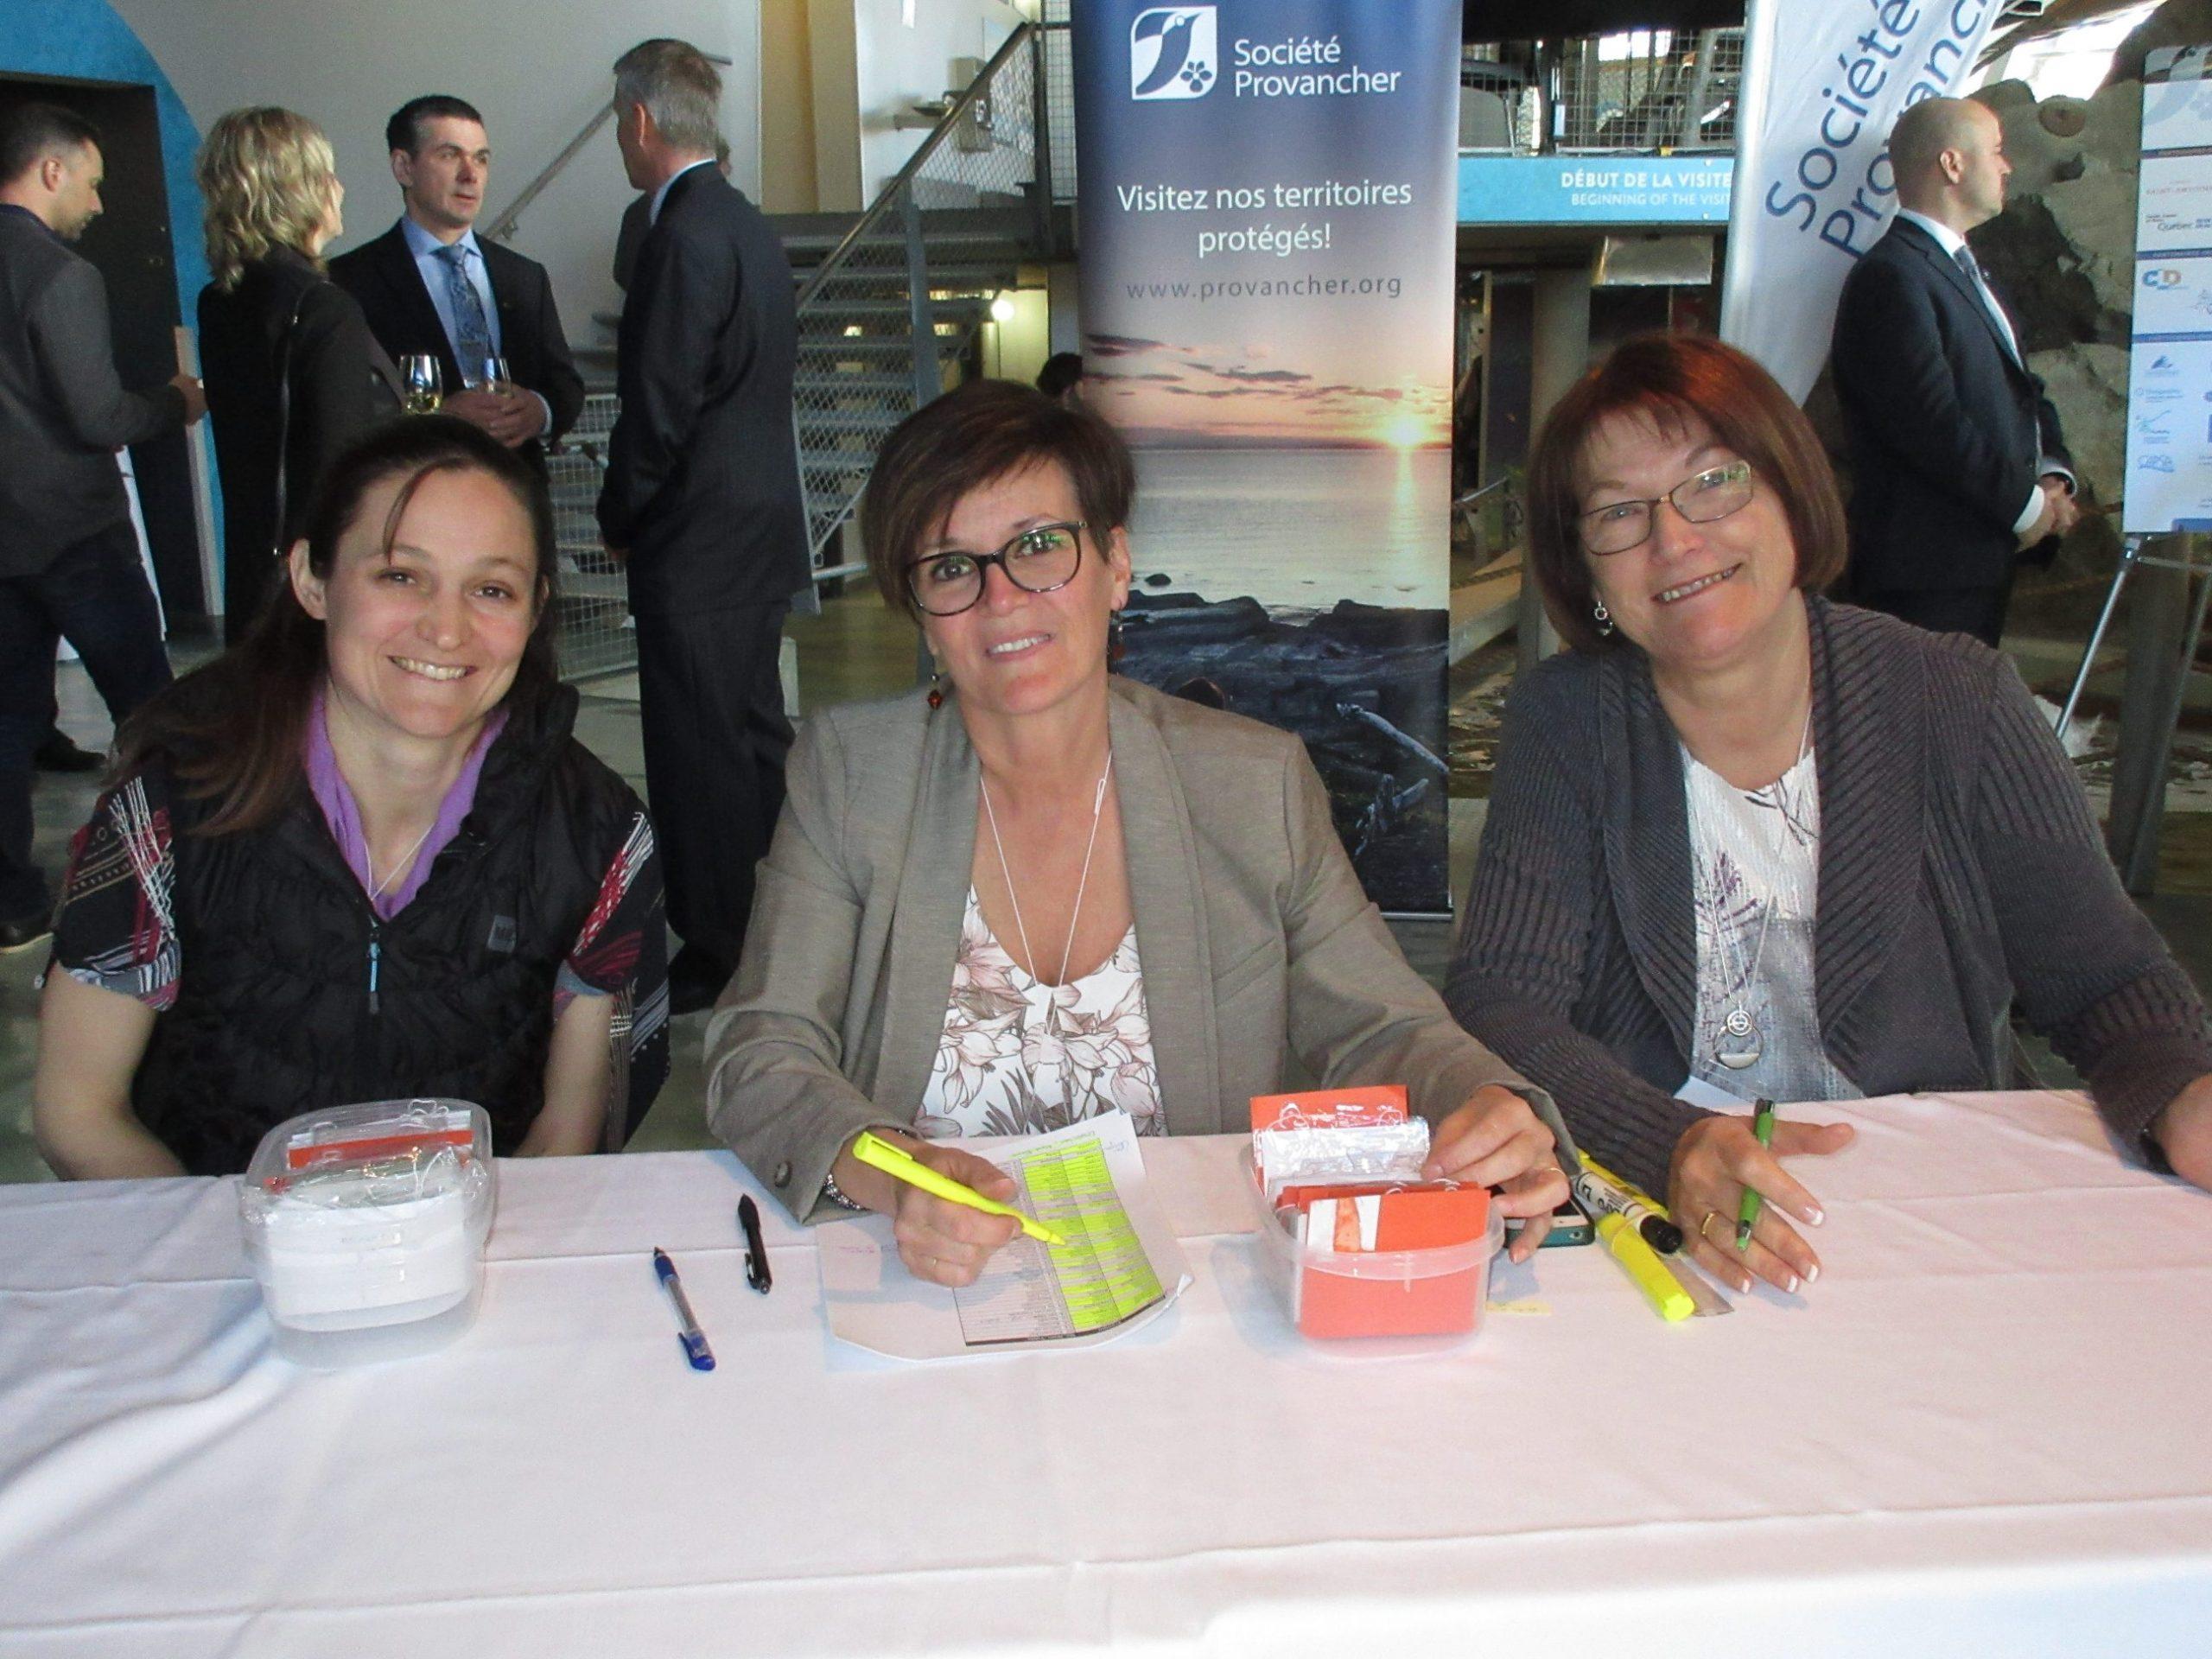 Les bénévoles responsables de l'inscription: Mmes Axelle Dudouet, Céline Filteau et Estelle Rondeau. Photo: Marianne Kugler